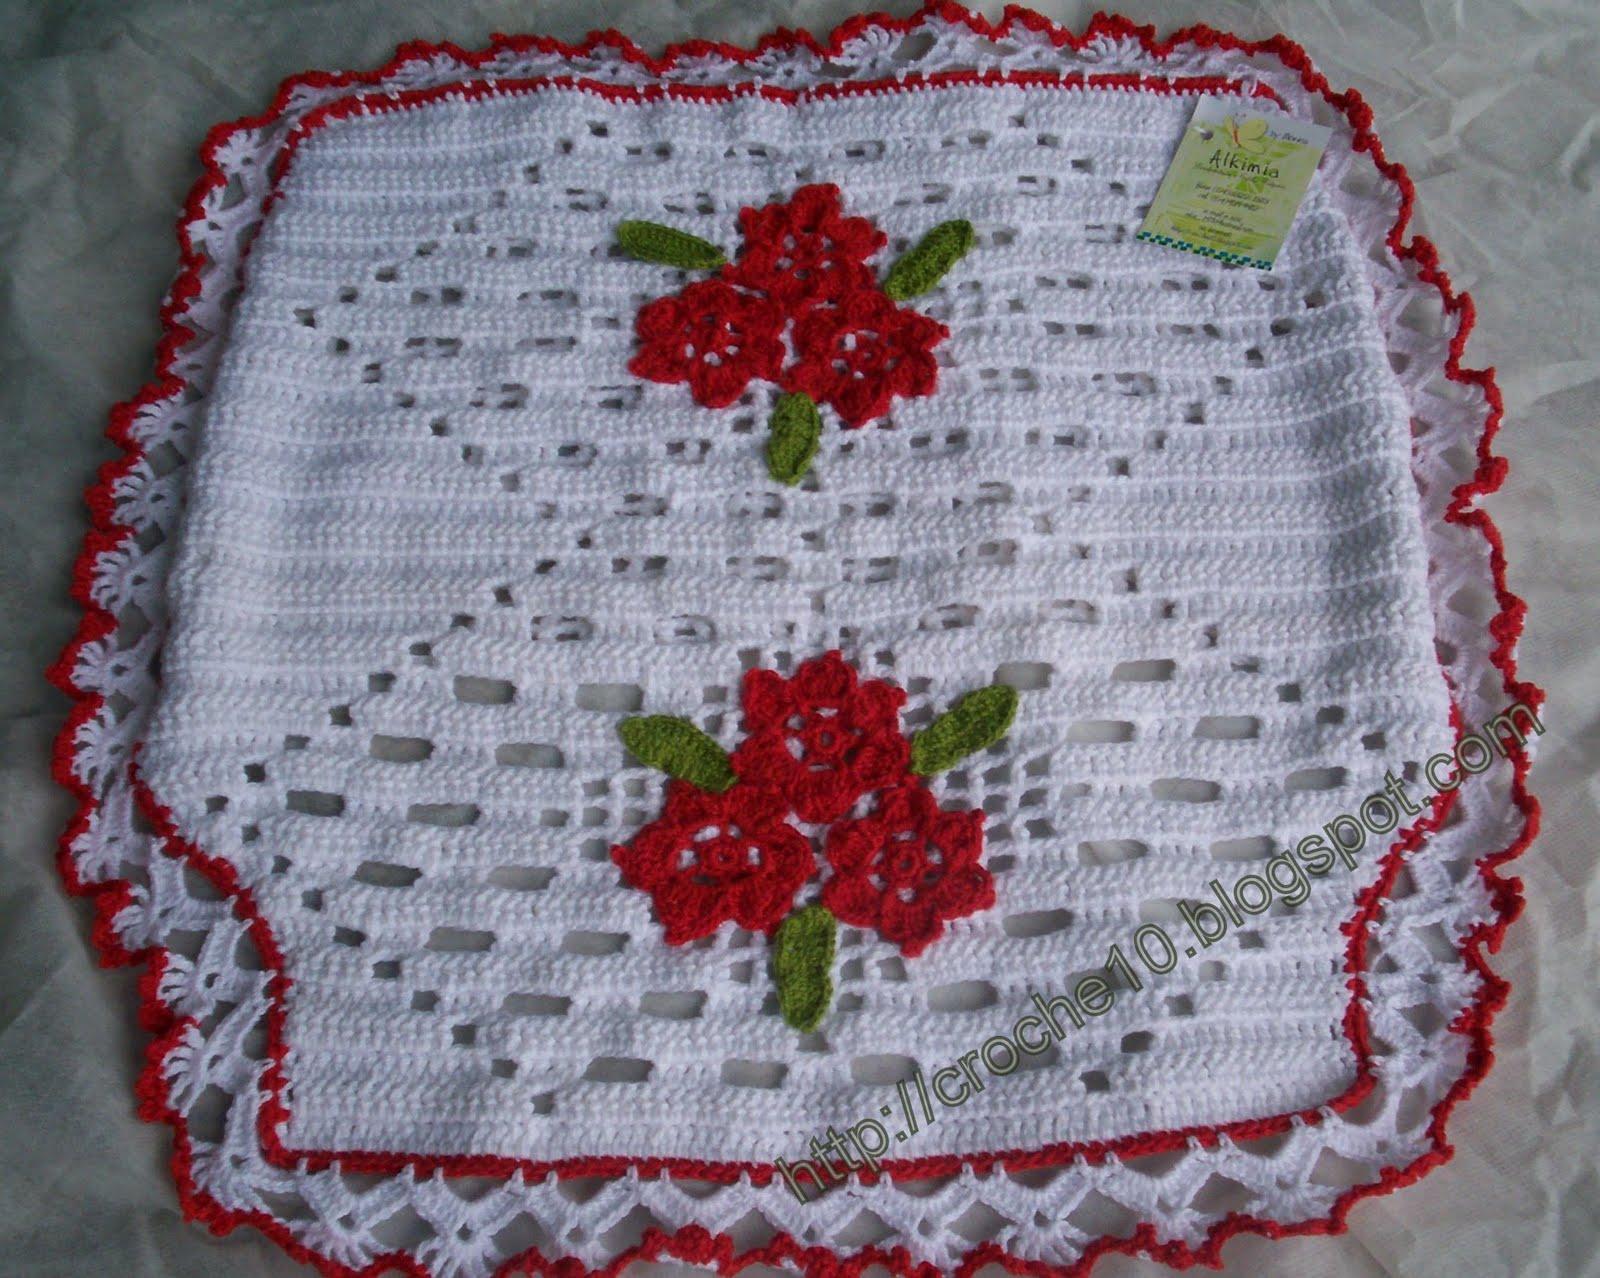 Imagens de #71161E CONJUNTO DE BANHEIRO VERMELHO E BRANCO: Crochet com Arte 1600x1278 px 2764 Box Banheiro Novo Hamburgo Rs